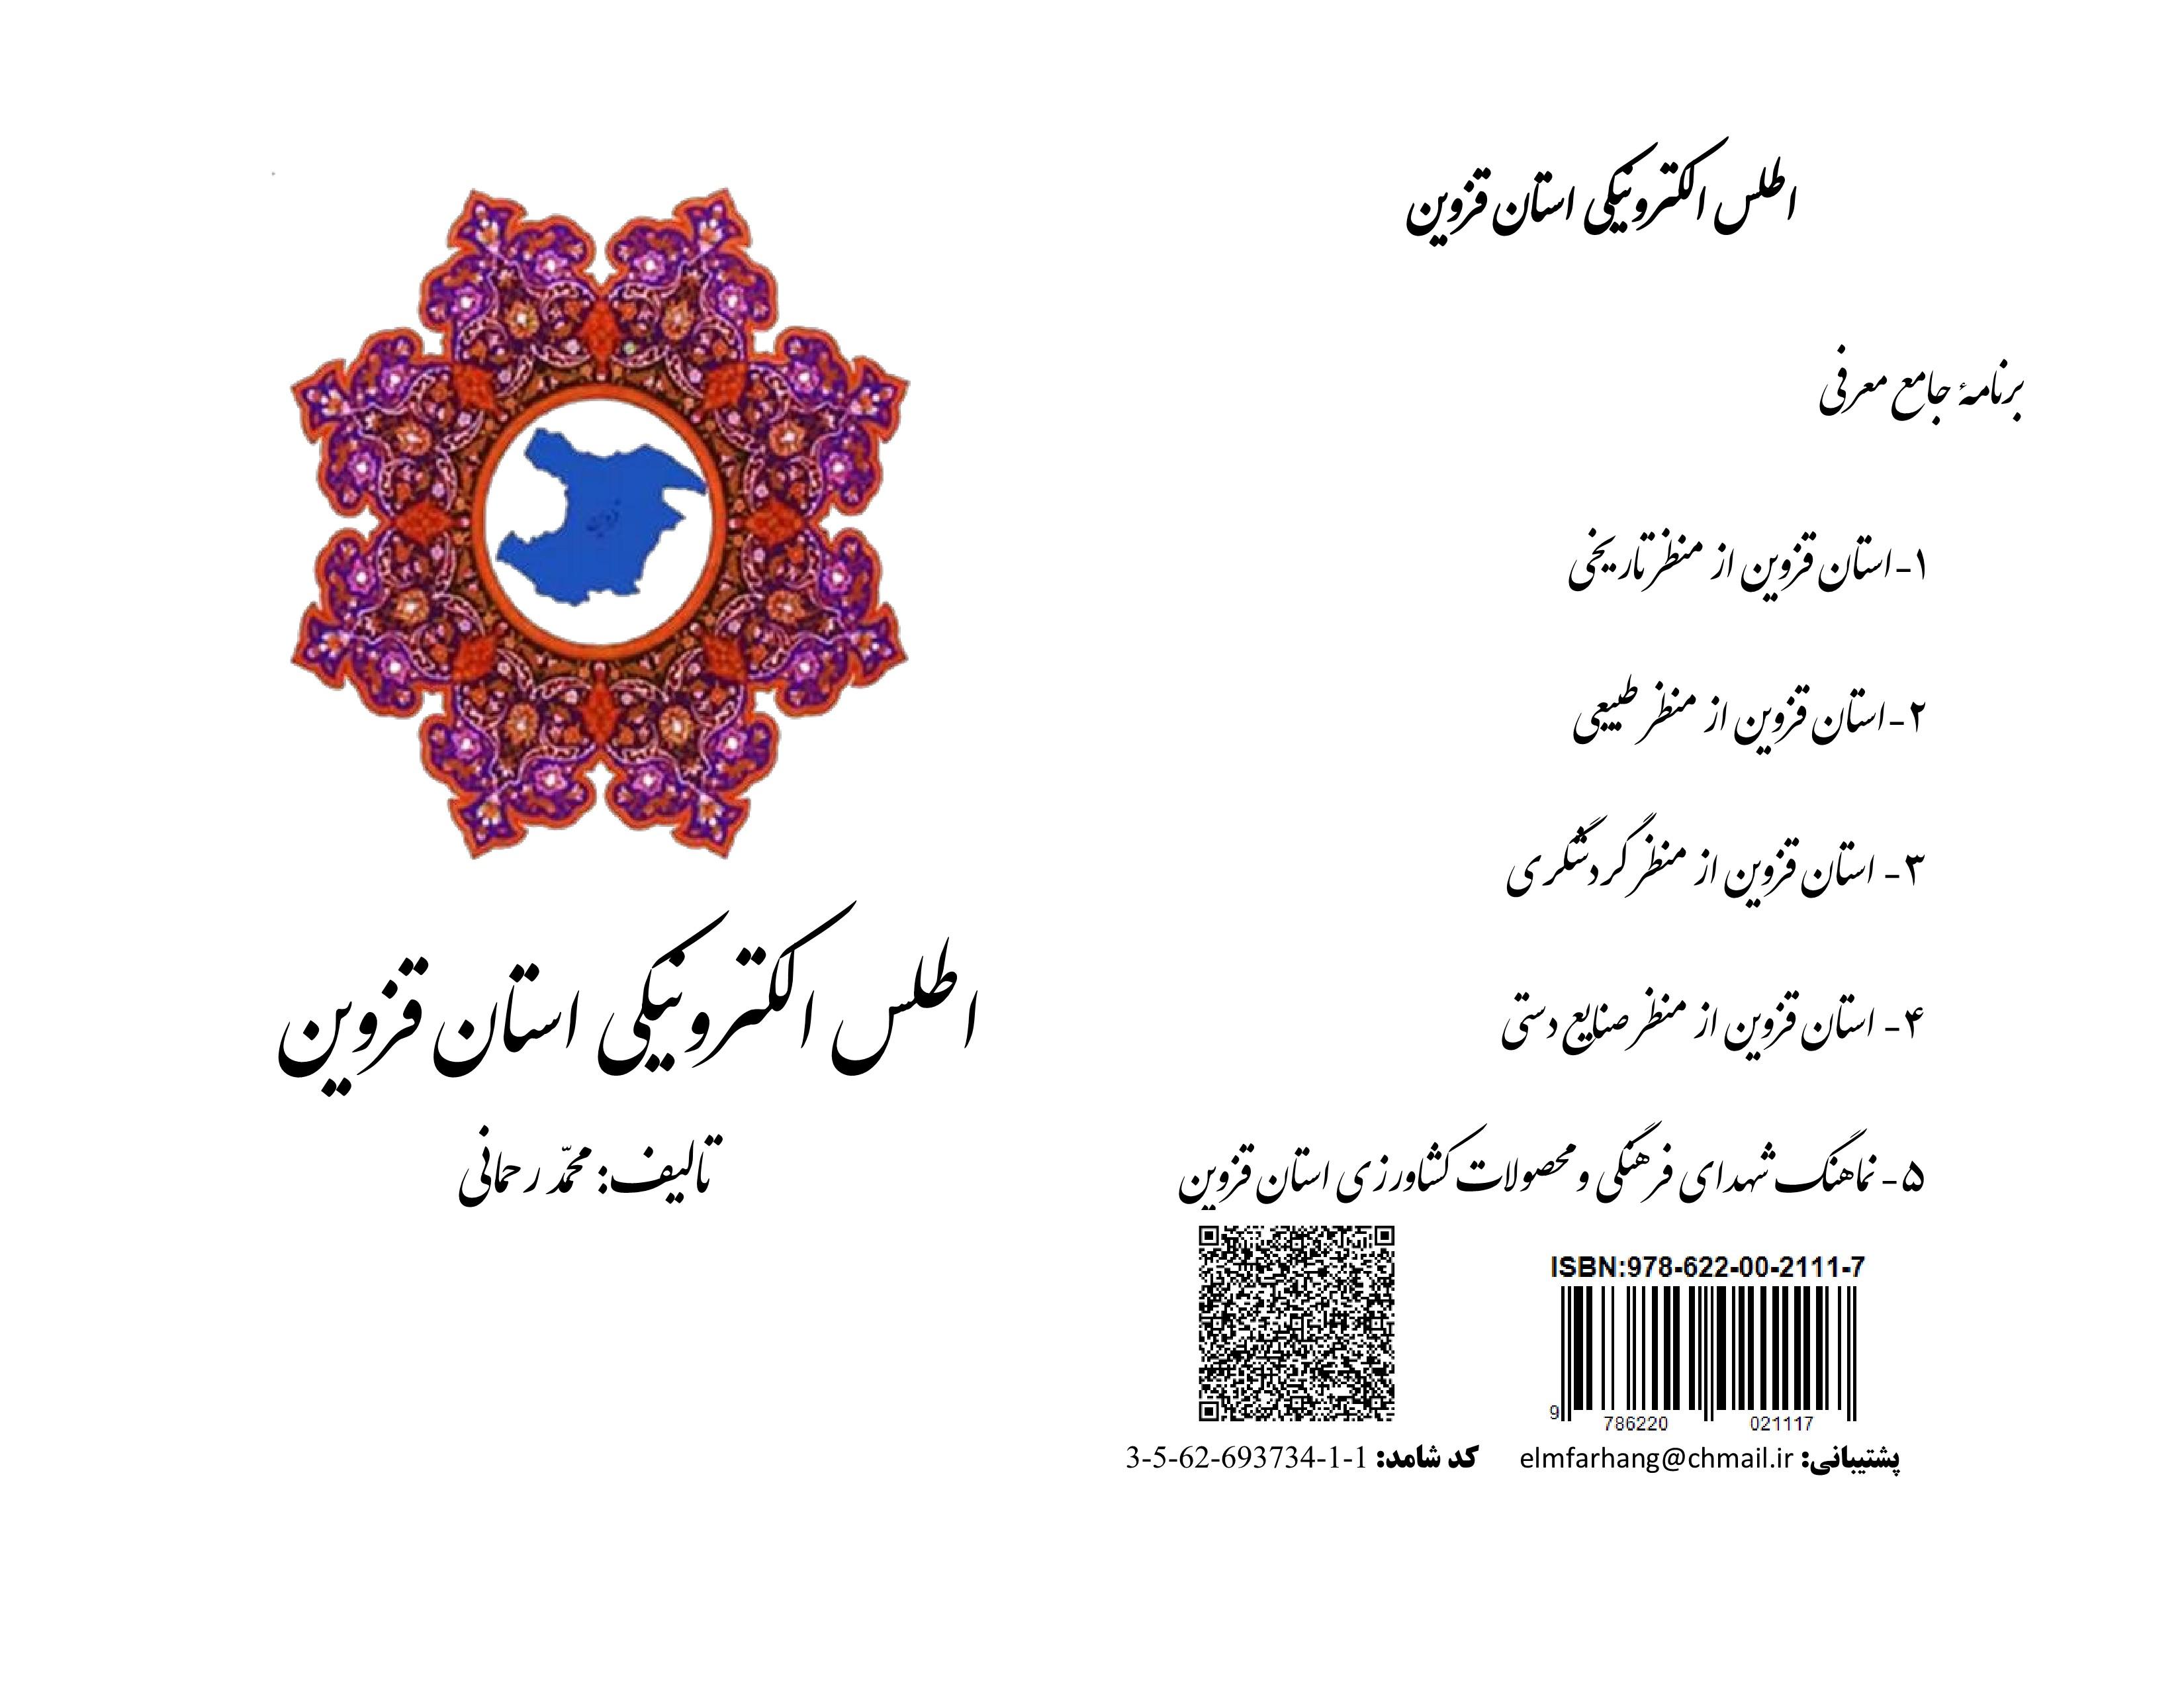 اطلس الکترونیکی استان قزوین(نسخه وب)